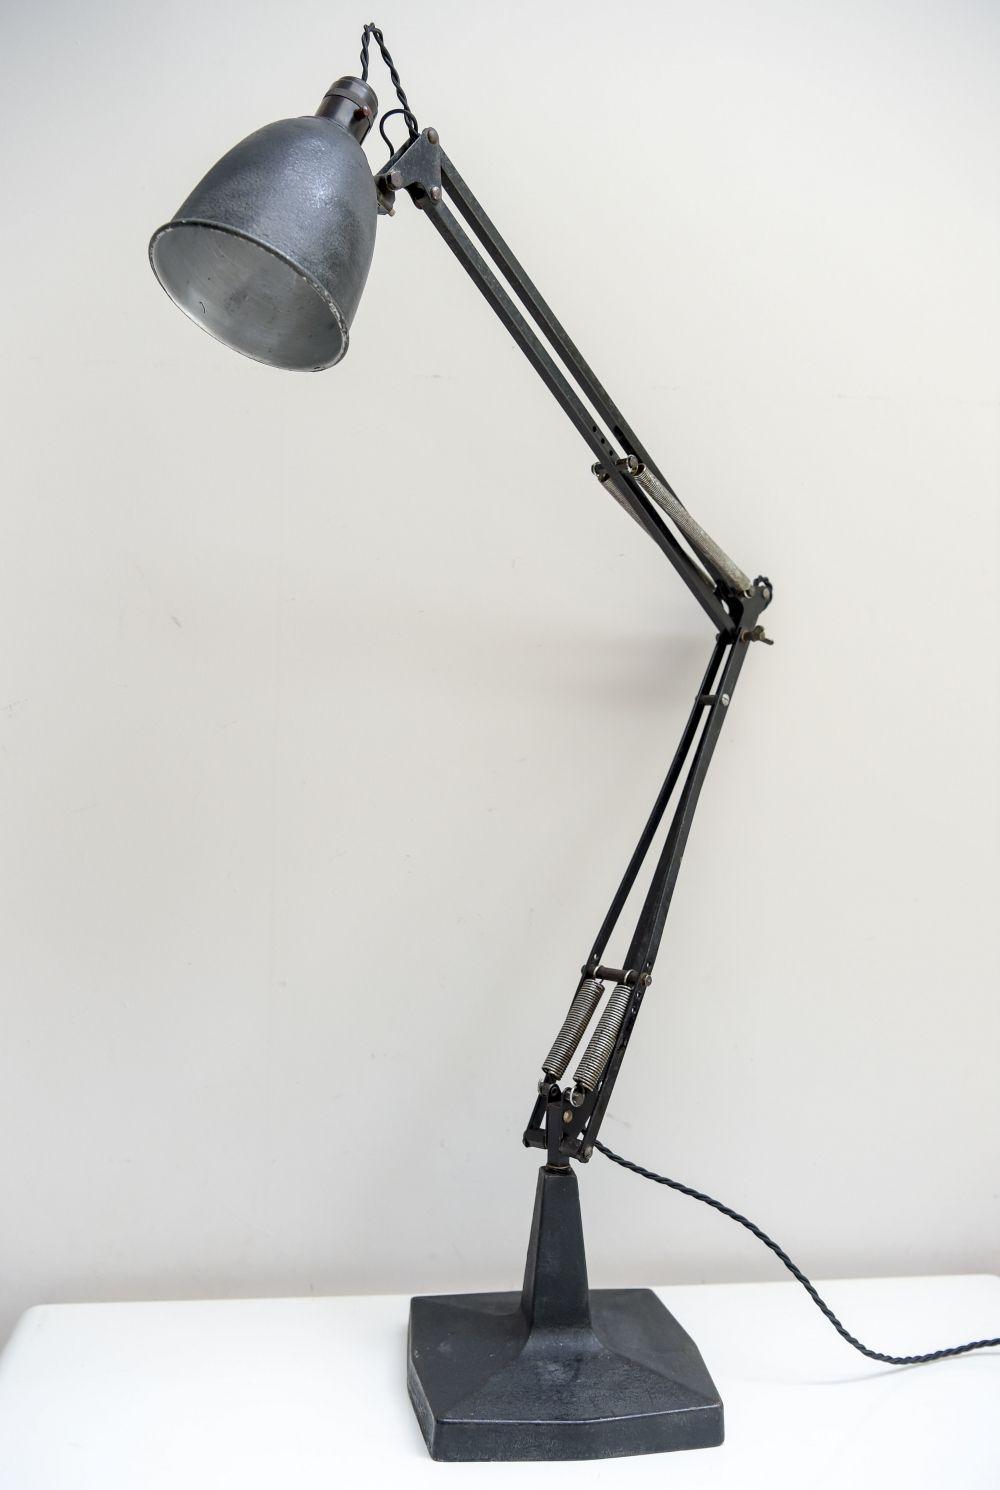 For sale Rare Tall Base Model 1208 Anglepoise Desk Lamp